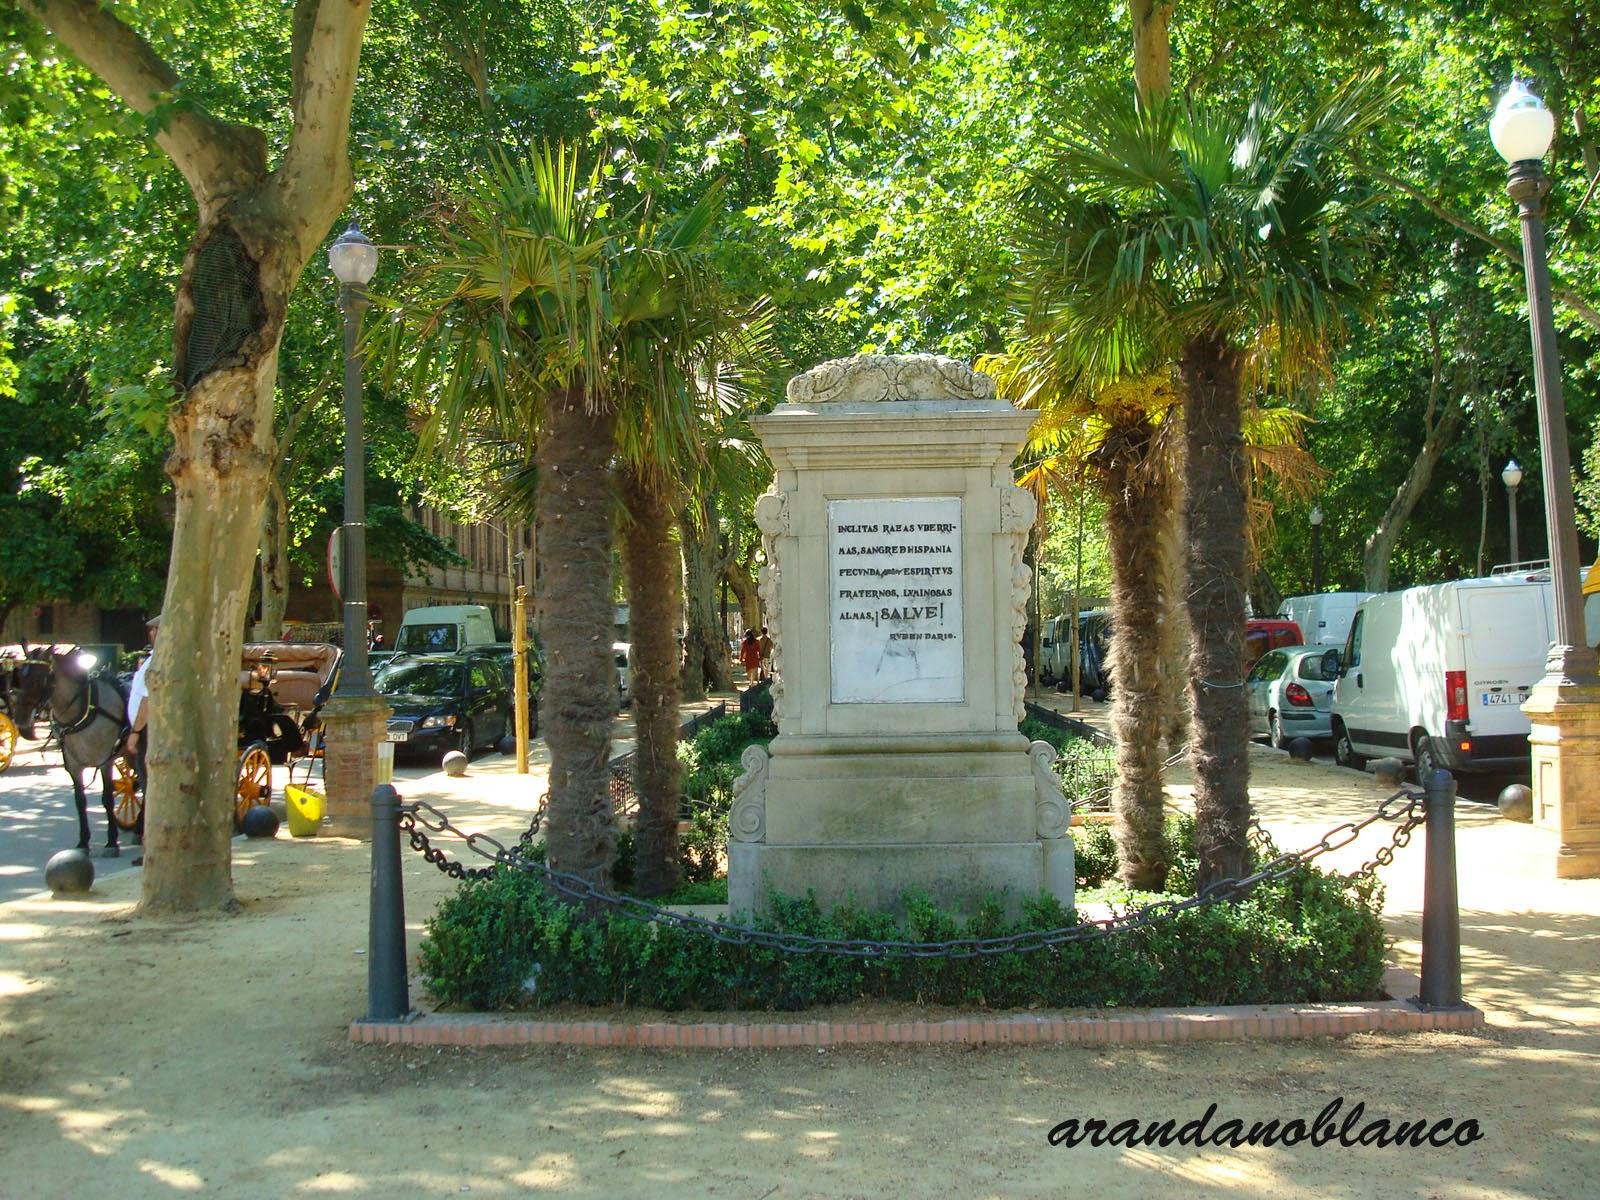 parquemarialuisa-encinarosa: Monumento de Rubén Darío